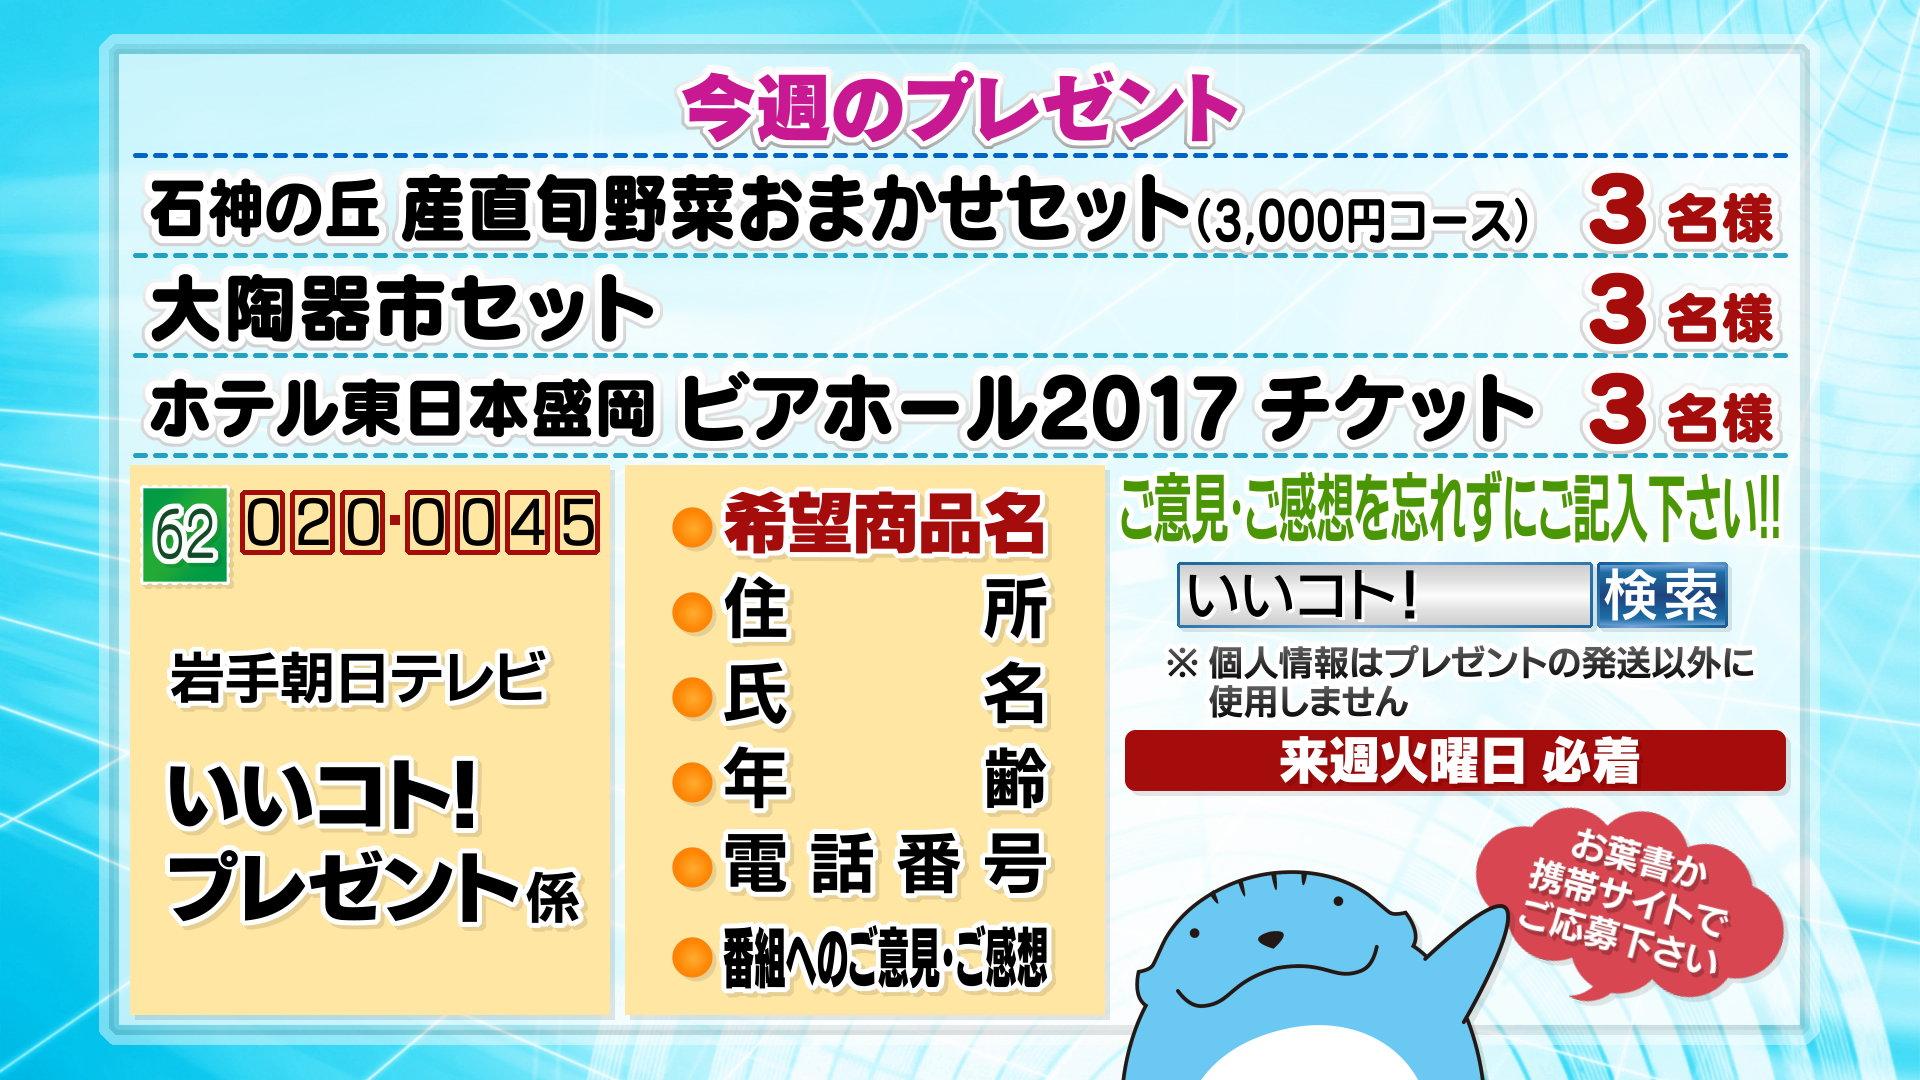 6/24(土)放送分のプレゼント